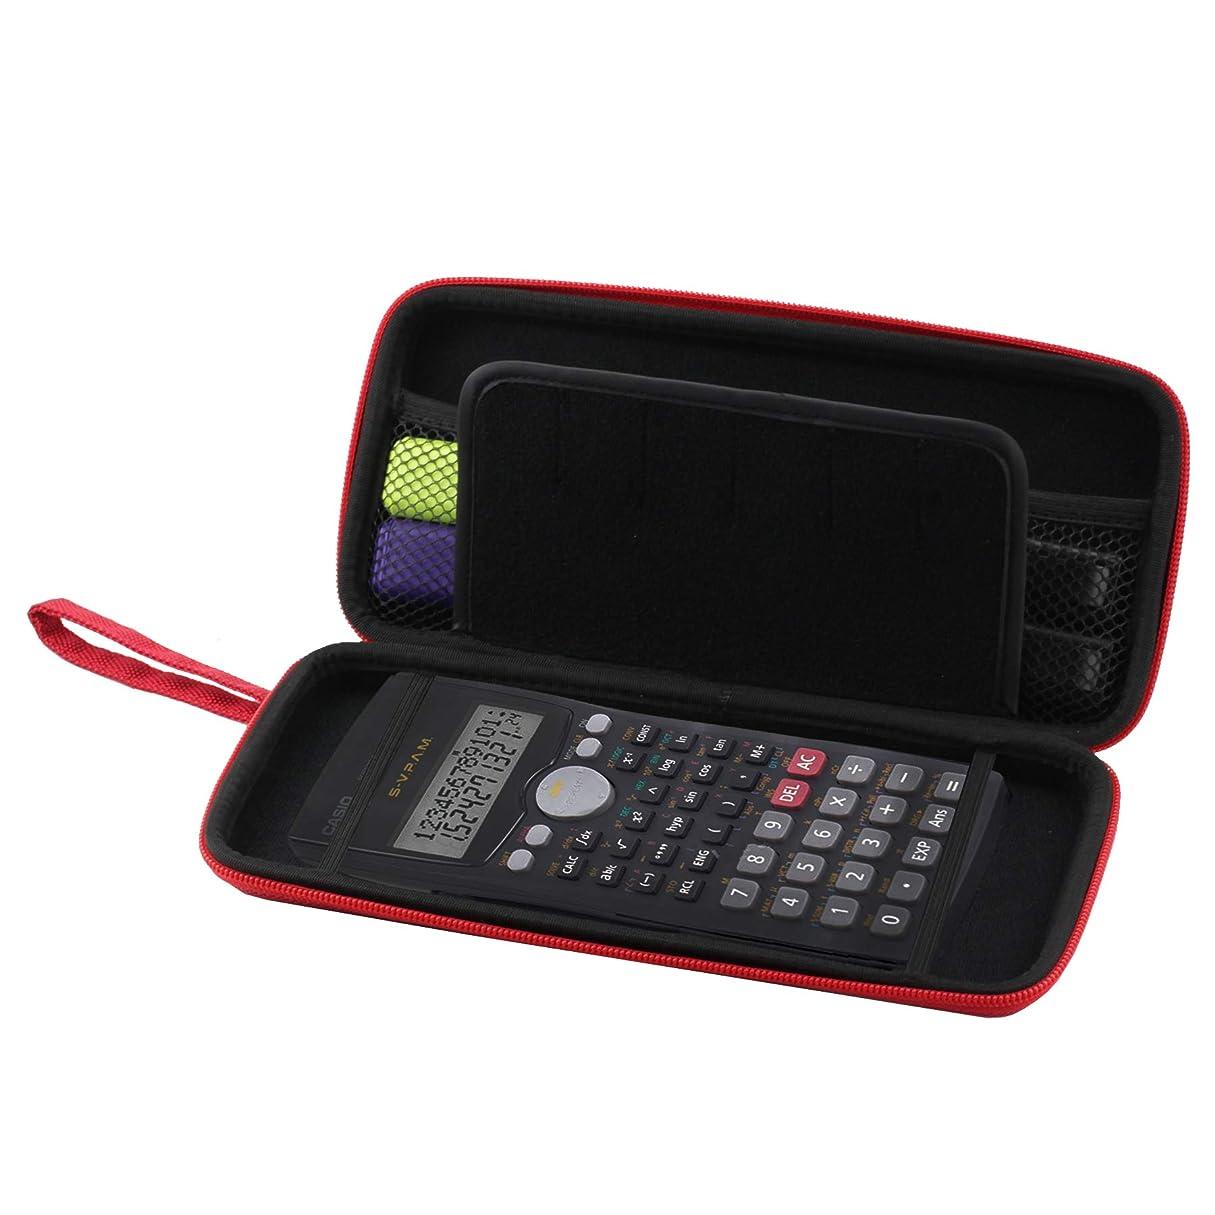 熟練したスーダンやむを得ないNavitech レッドグラフィック電卓ハードケース/カバー 収納ポーチ付き Texas Instruments 金融電卓 TI-BA II